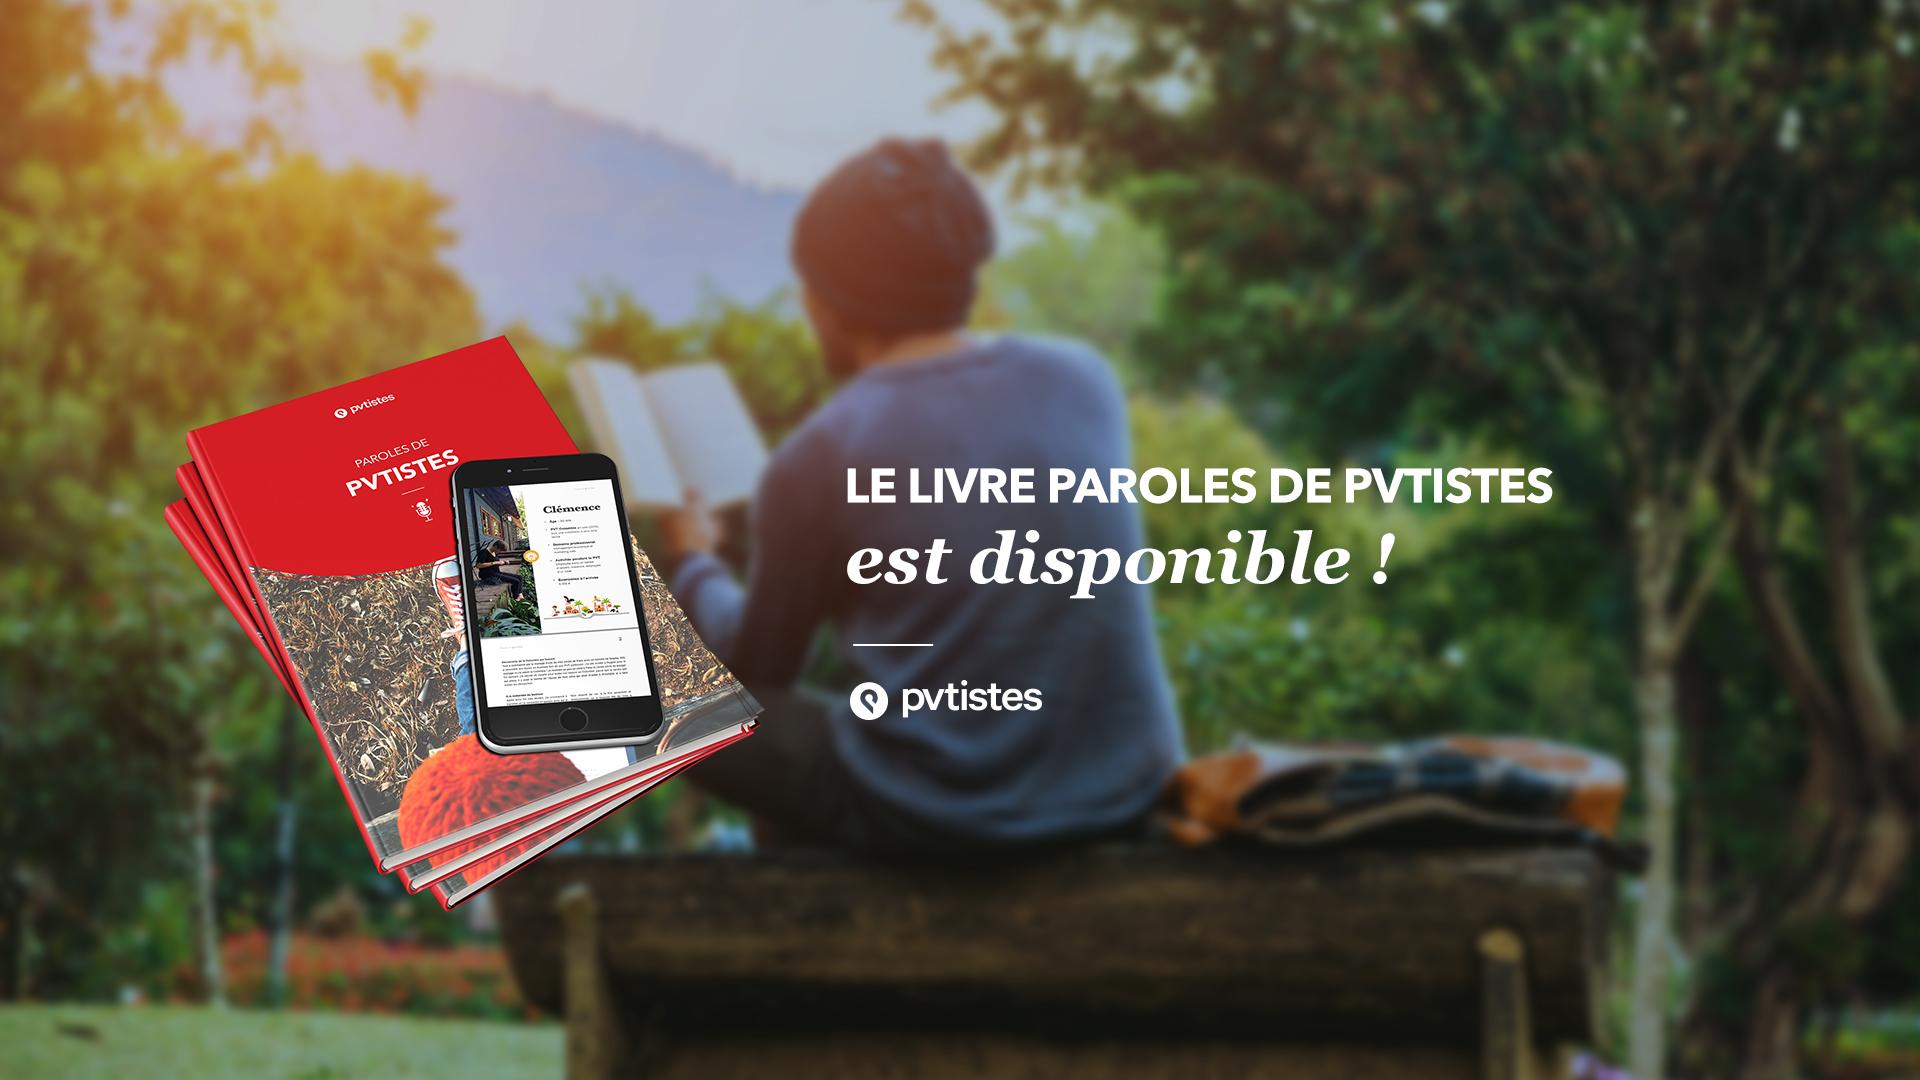 rs-pvtistes-paroles-de-pvtistes